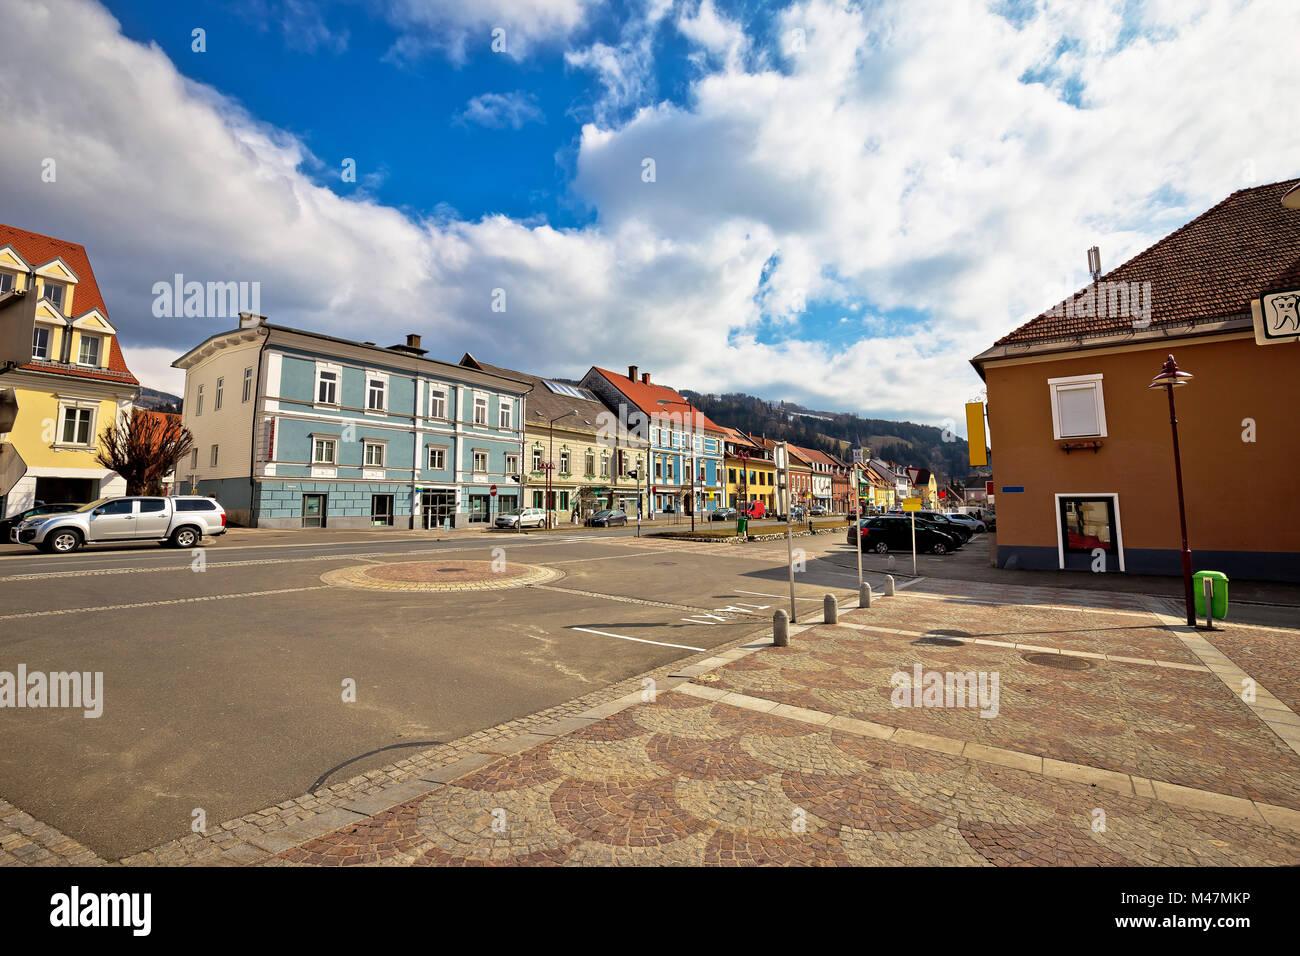 Bad Sankt Leonhard im Lavanttal bunte Straßenbild Stockbild